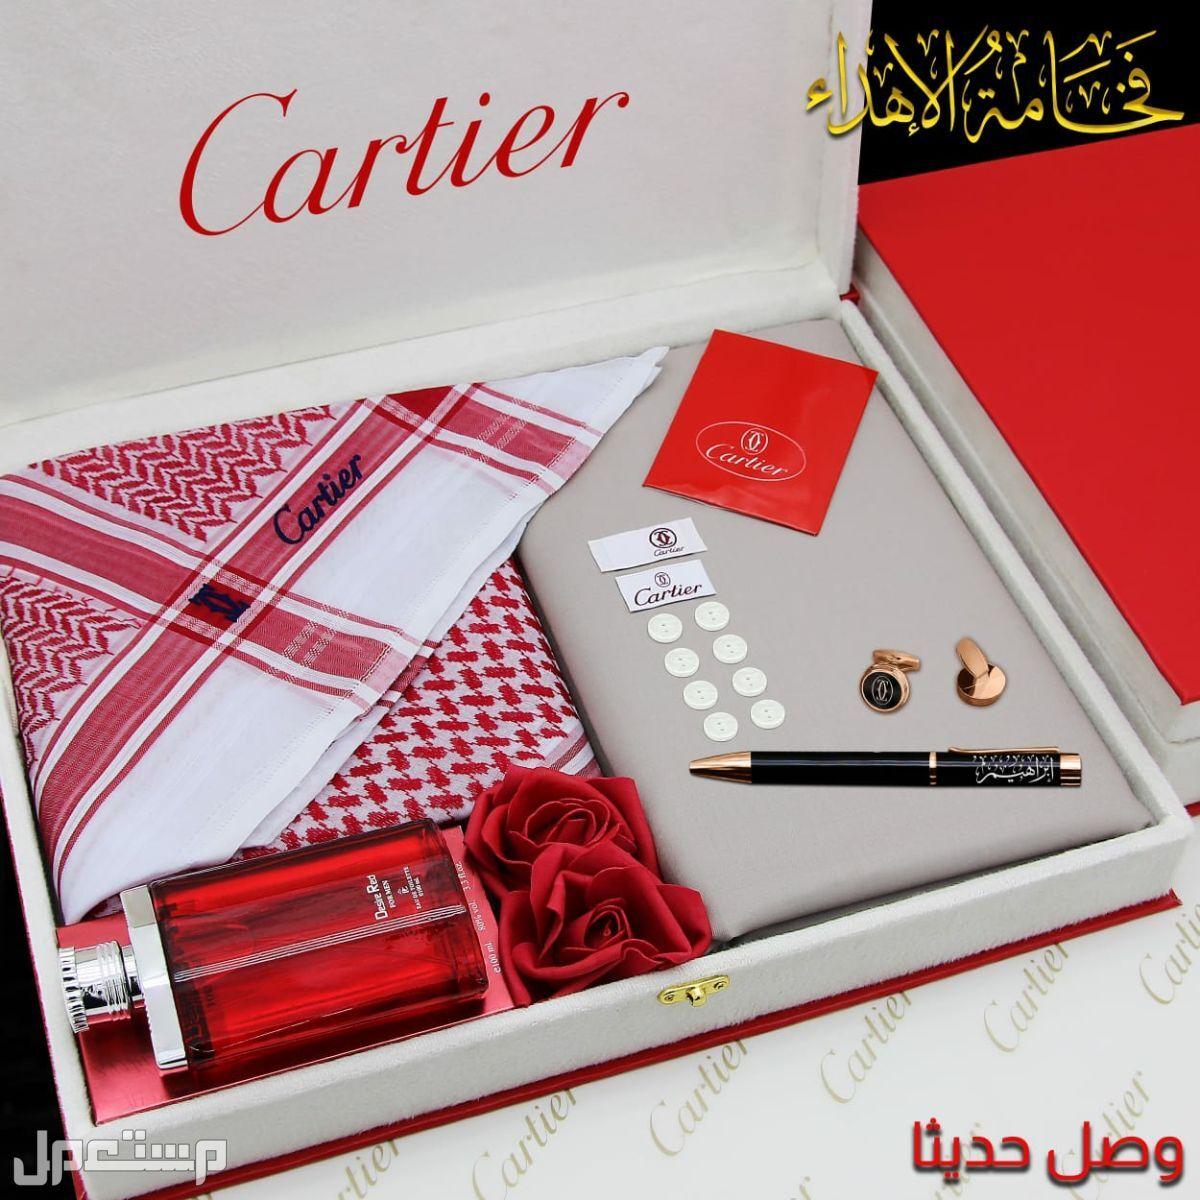 بوكس هدايا رجالي مقدم من ماركة كاريتر # قماش مع شماغ كاريتر